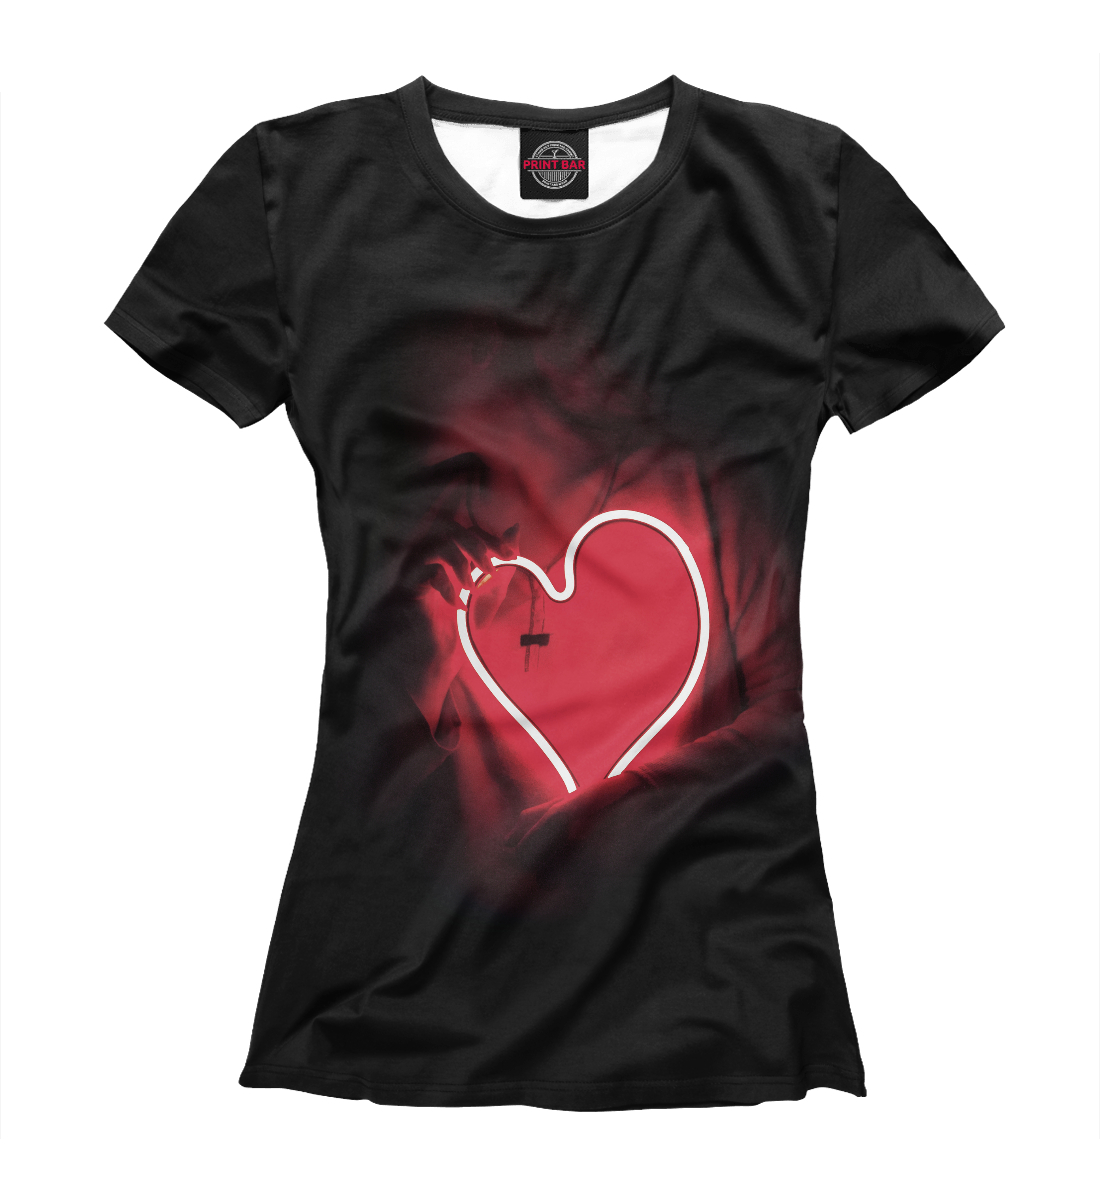 Купить Девушка с неоновым сердцем, Printbar, Футболки, SRD-833167-fut-1